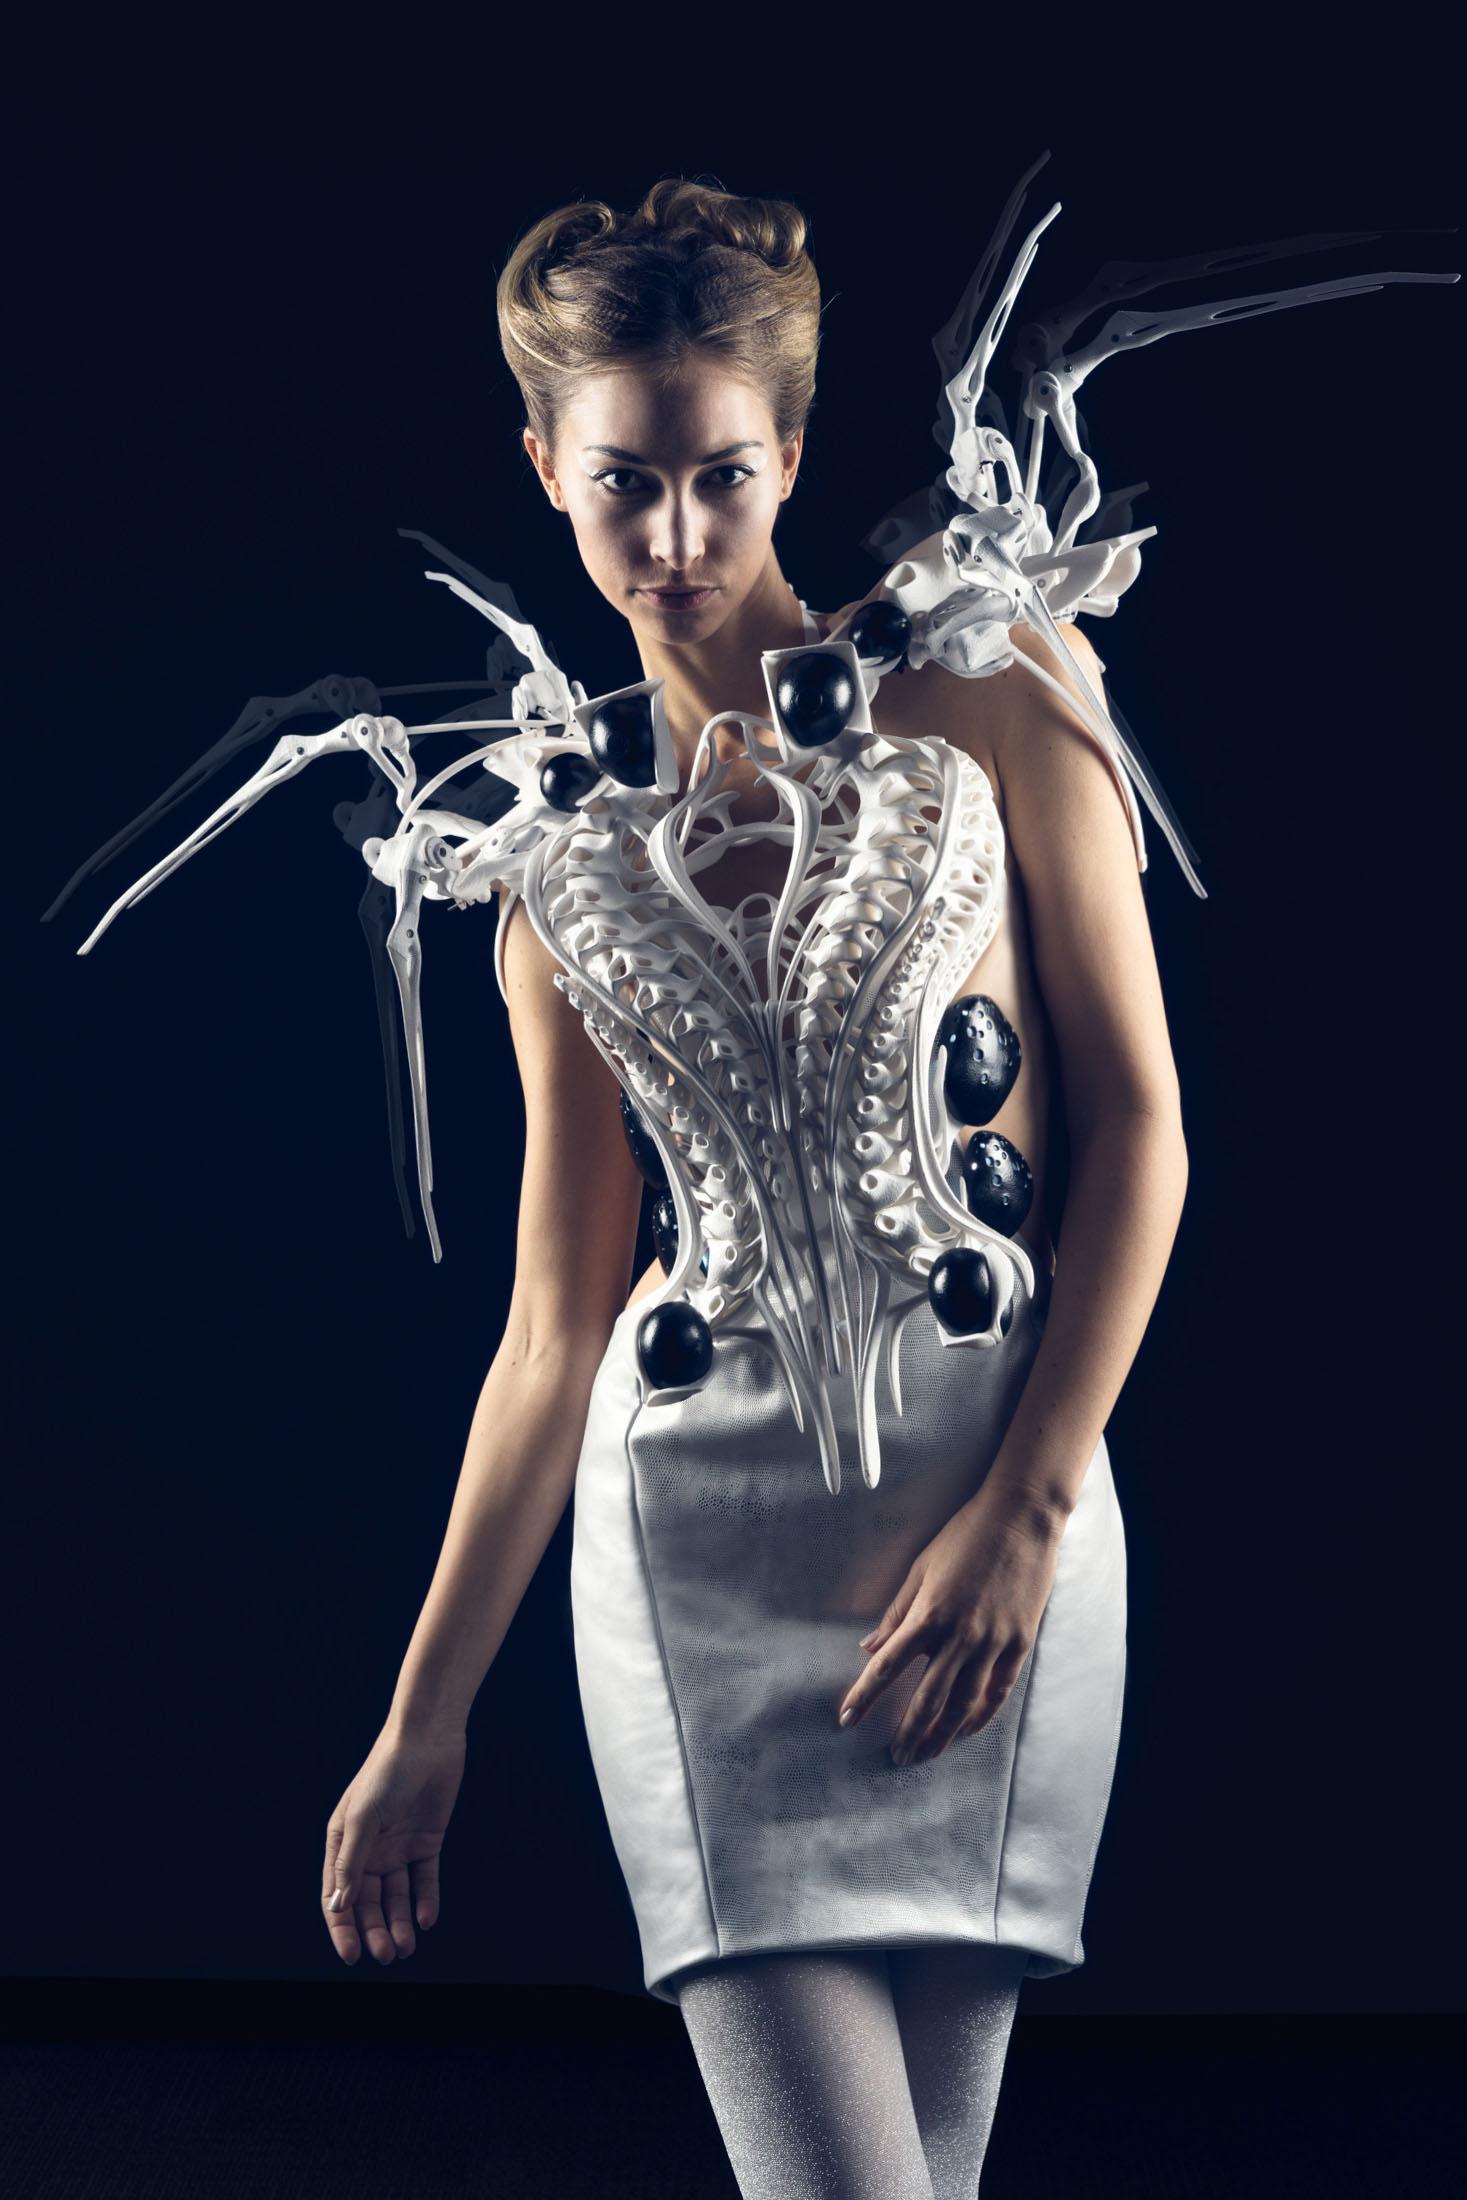 שמלת העכביש של Anouk Wipprecht. צילום: מוזיאון העיצוב של ויטרה